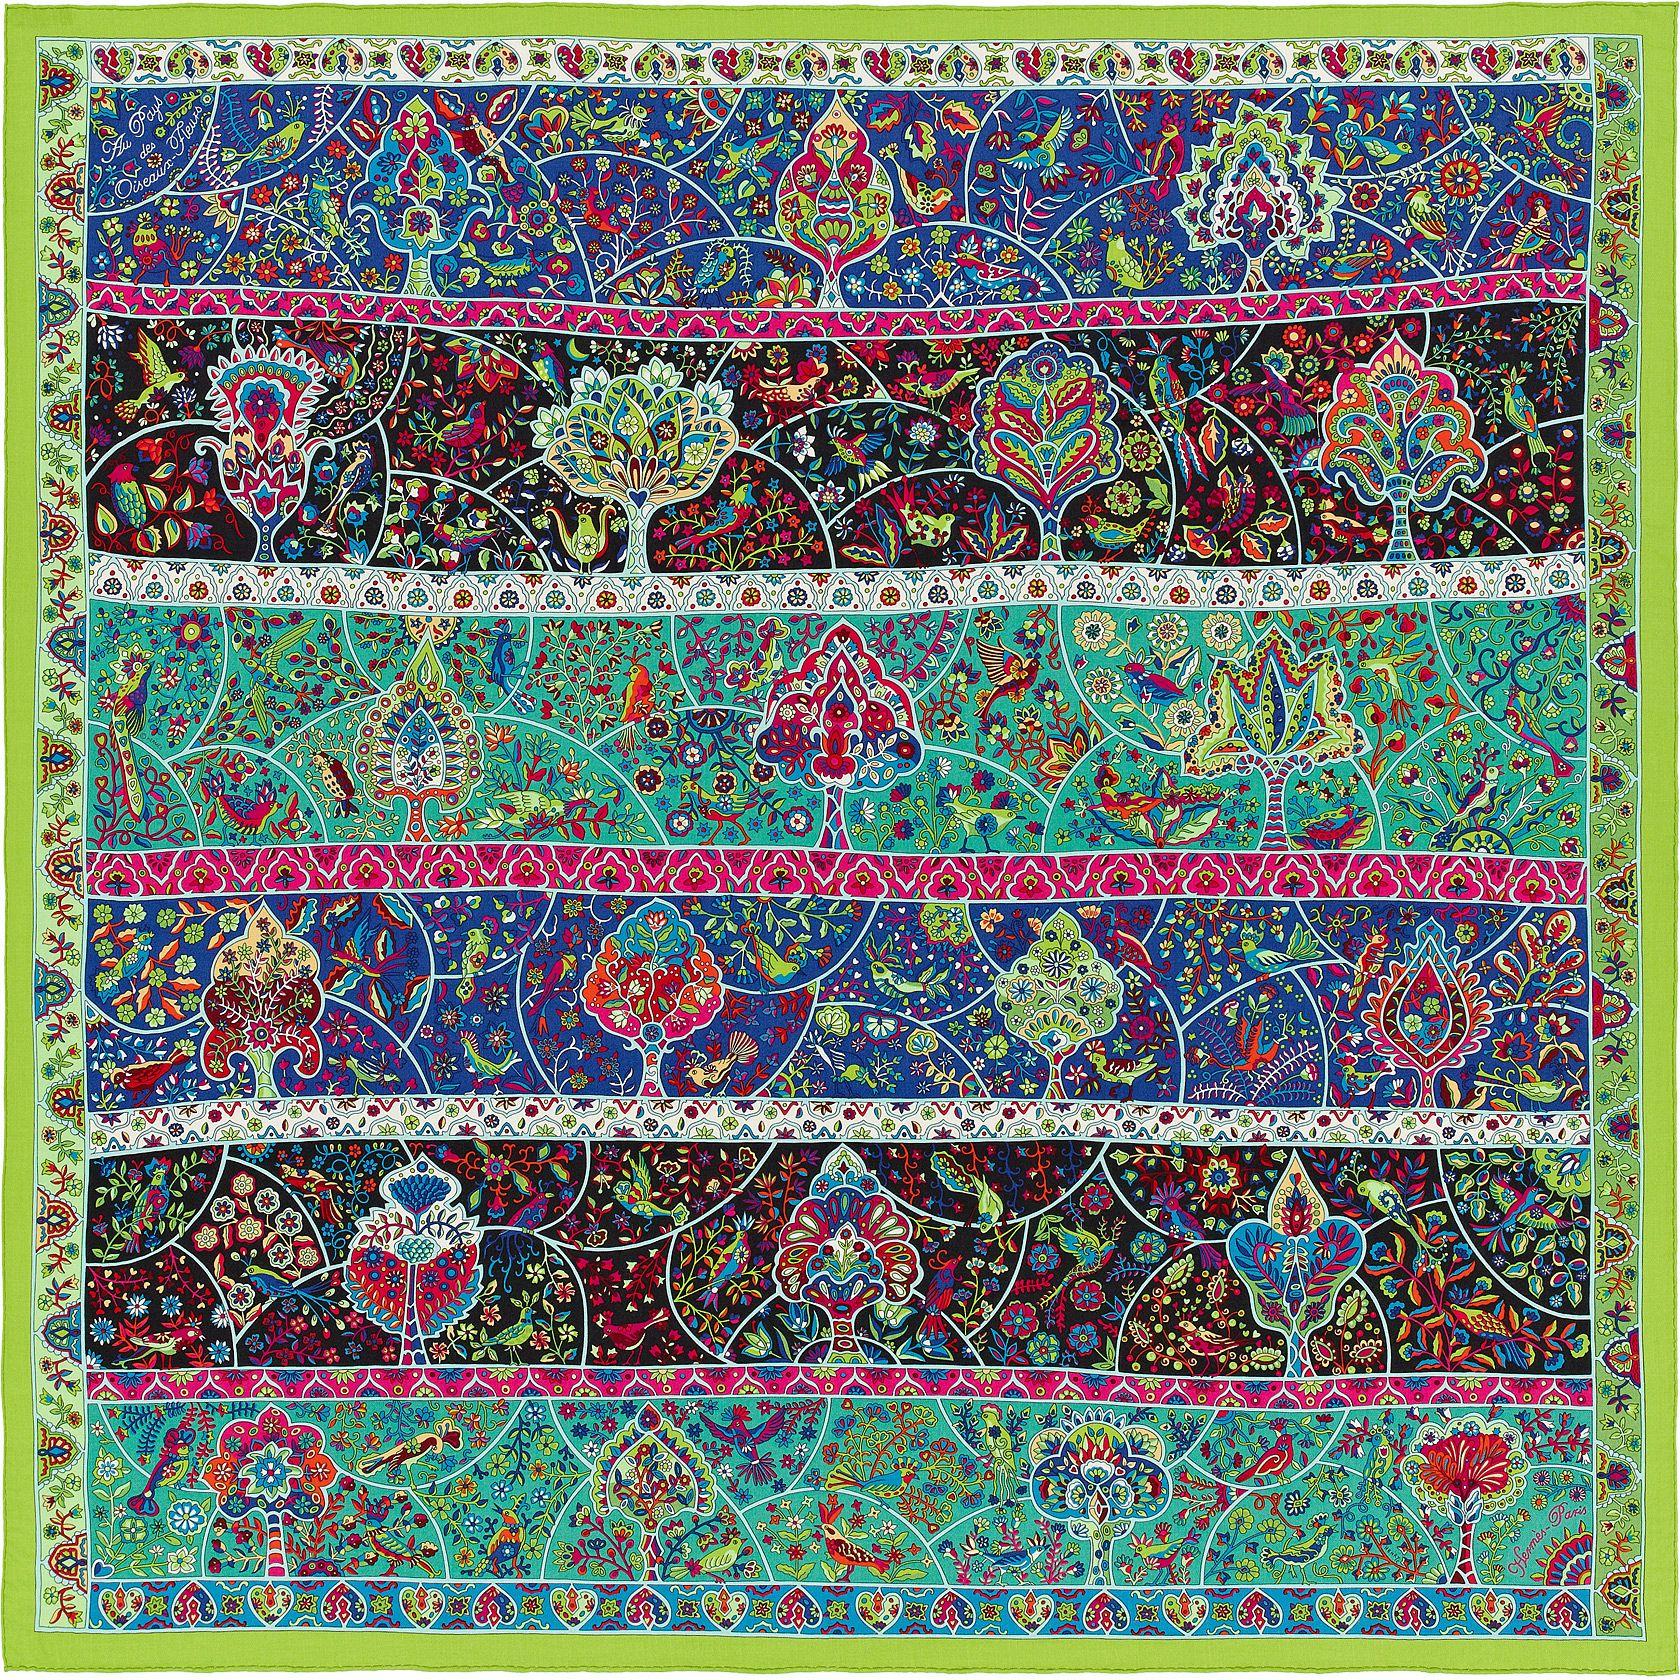 Au Pays des Oiseaux Fleurs   Châle 70 % cachemire 30 % soie (140 x 140 cm)    Coloris   vert vif bleu fuchsia   Dessiné par Christine Henry   Réf.    H242983S ... 85fa5aee08e